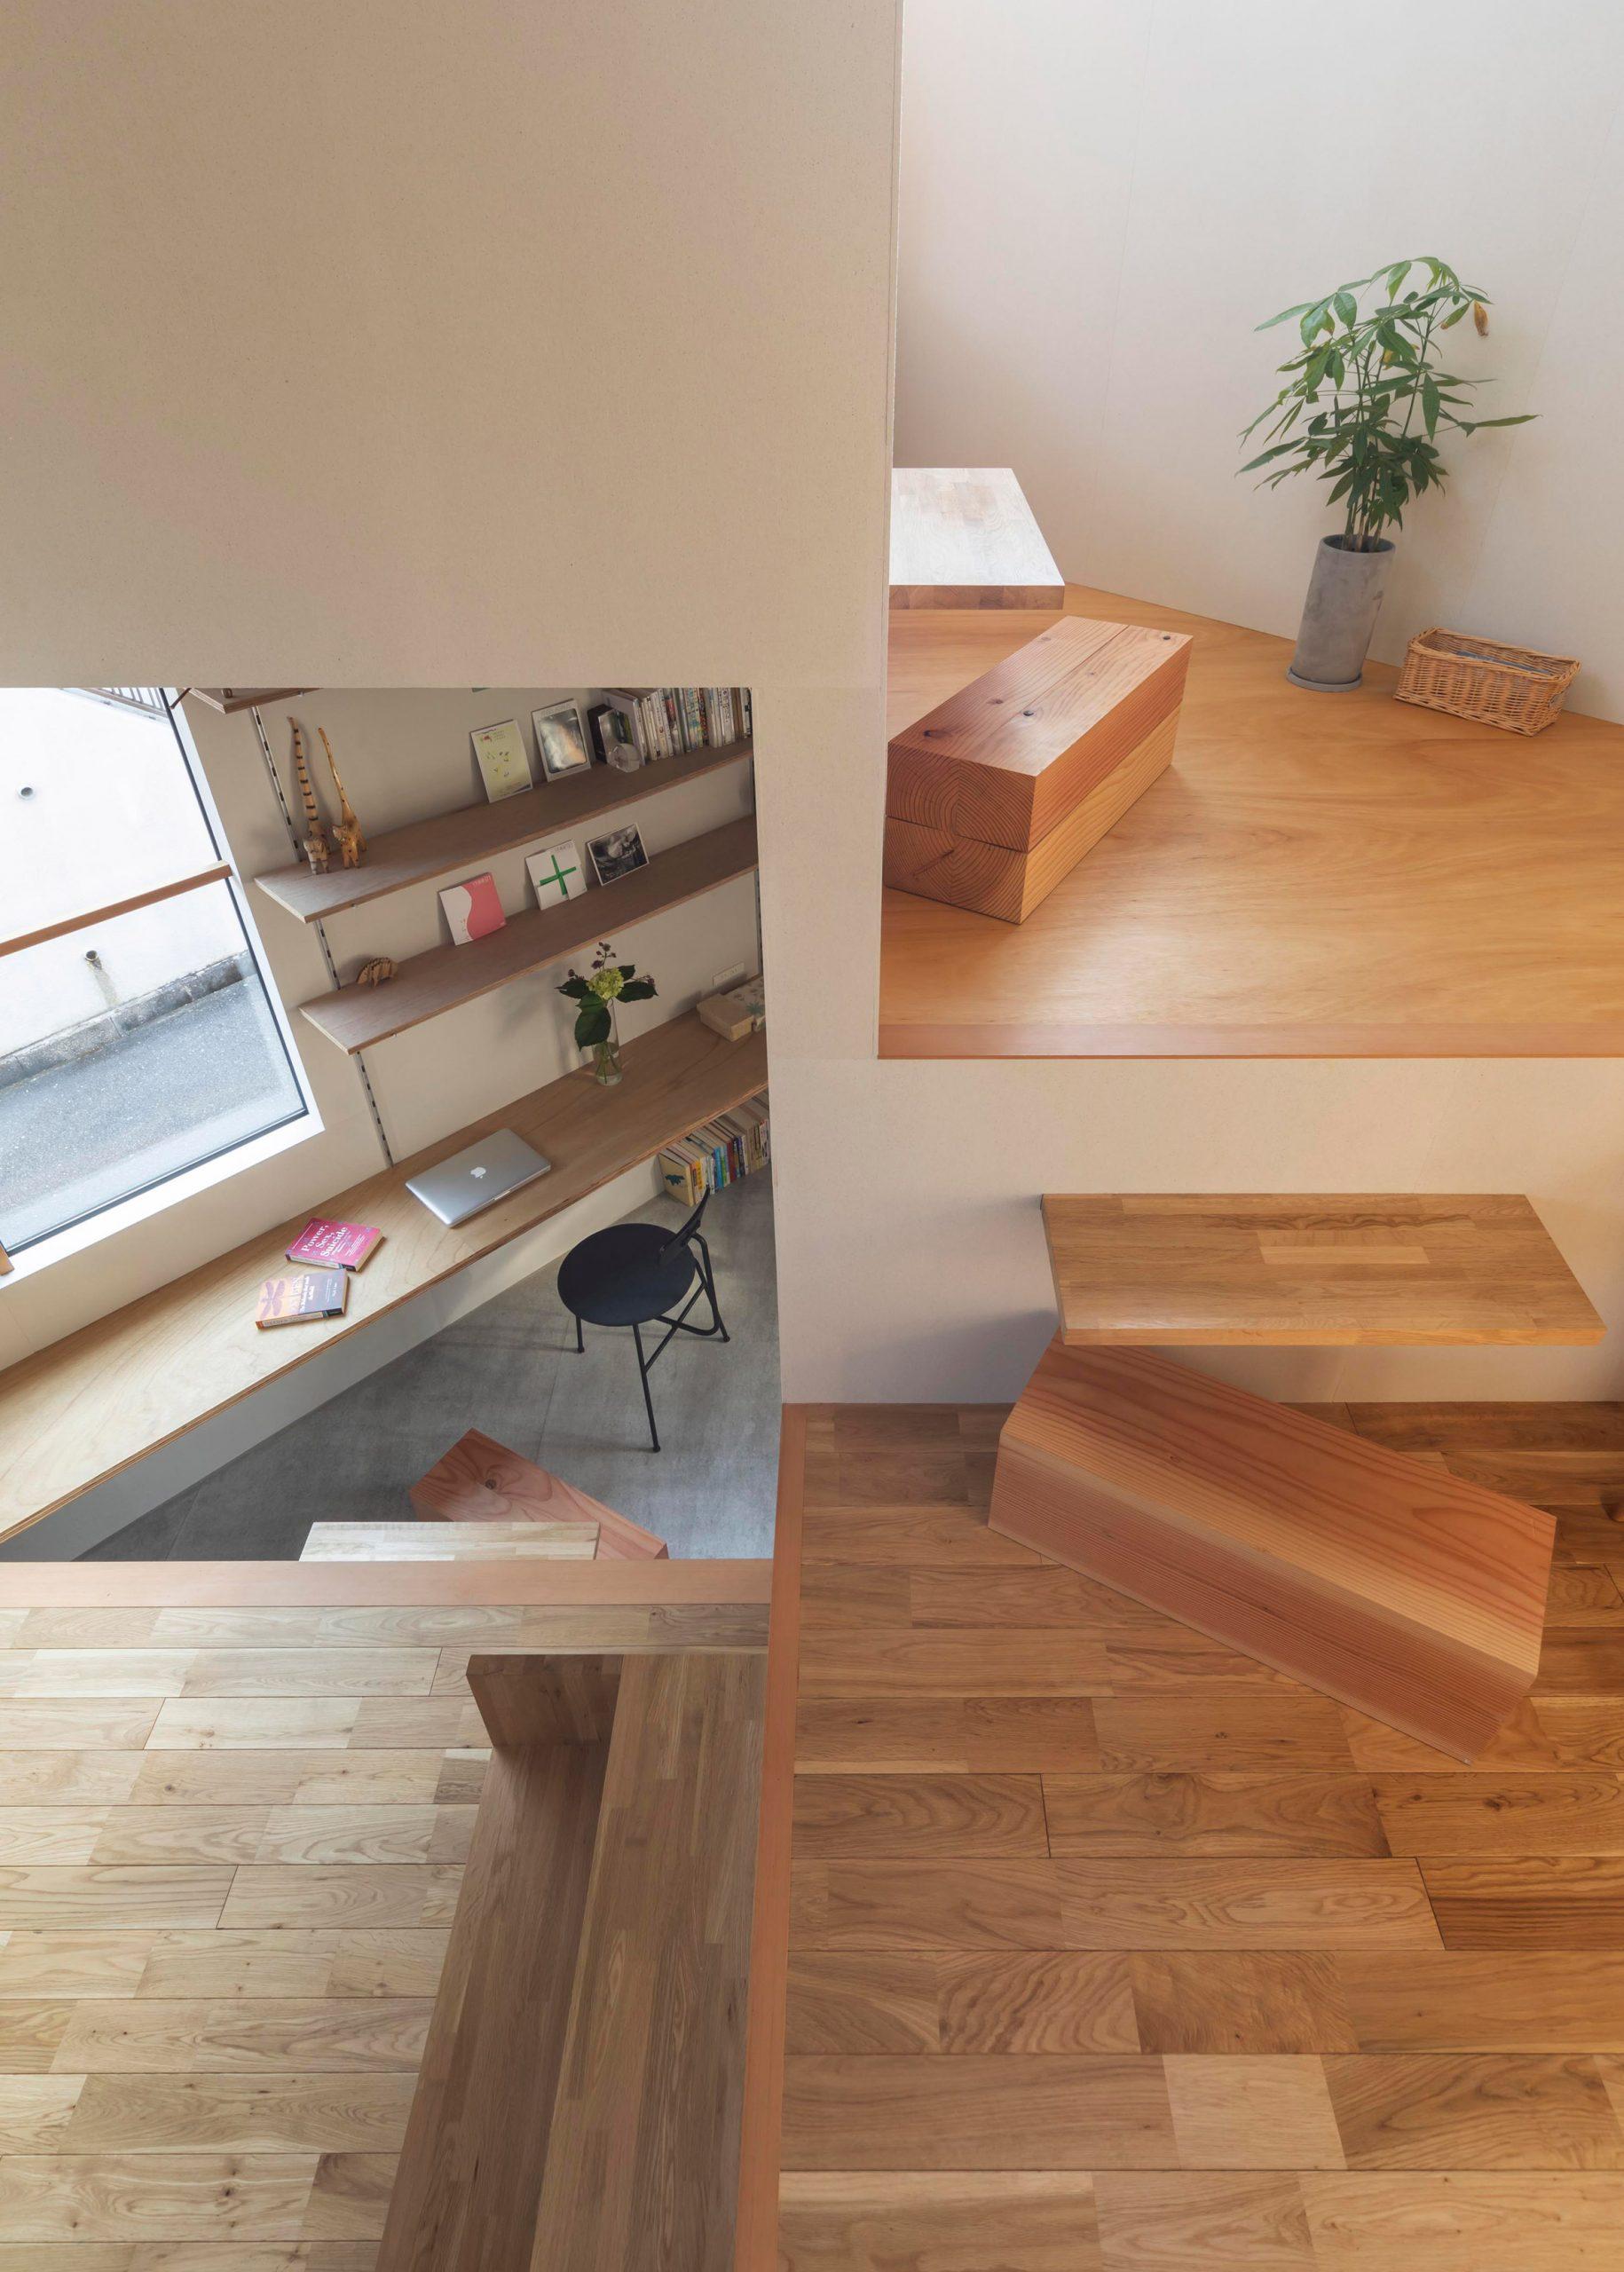 Thiết kế nội thất căn hộ nhỏ 13